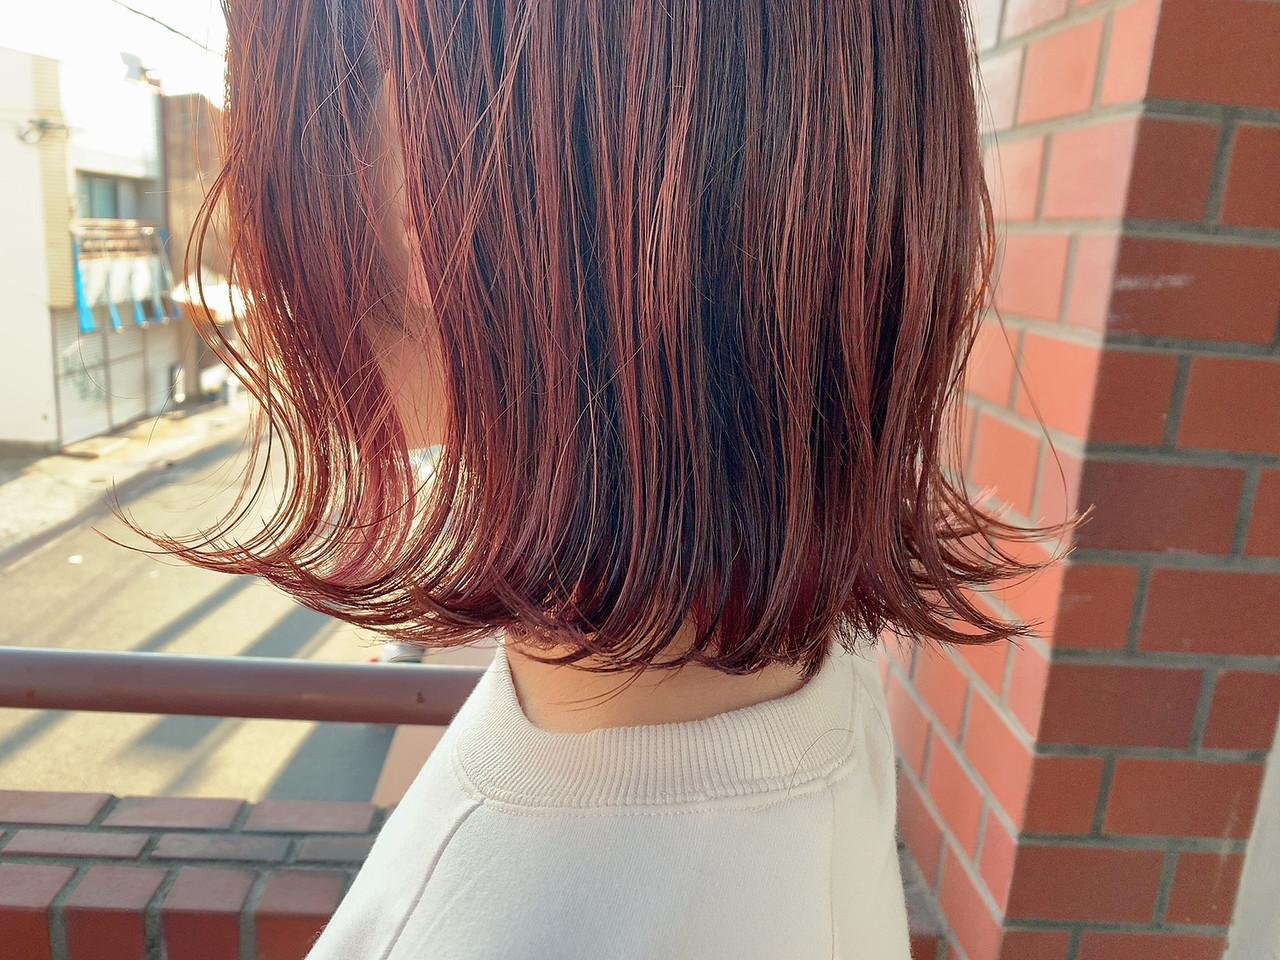 チェリーレッド 切りっぱなしボブ インナーカラー 赤髪 ヘアスタイルや髪型の写真・画像